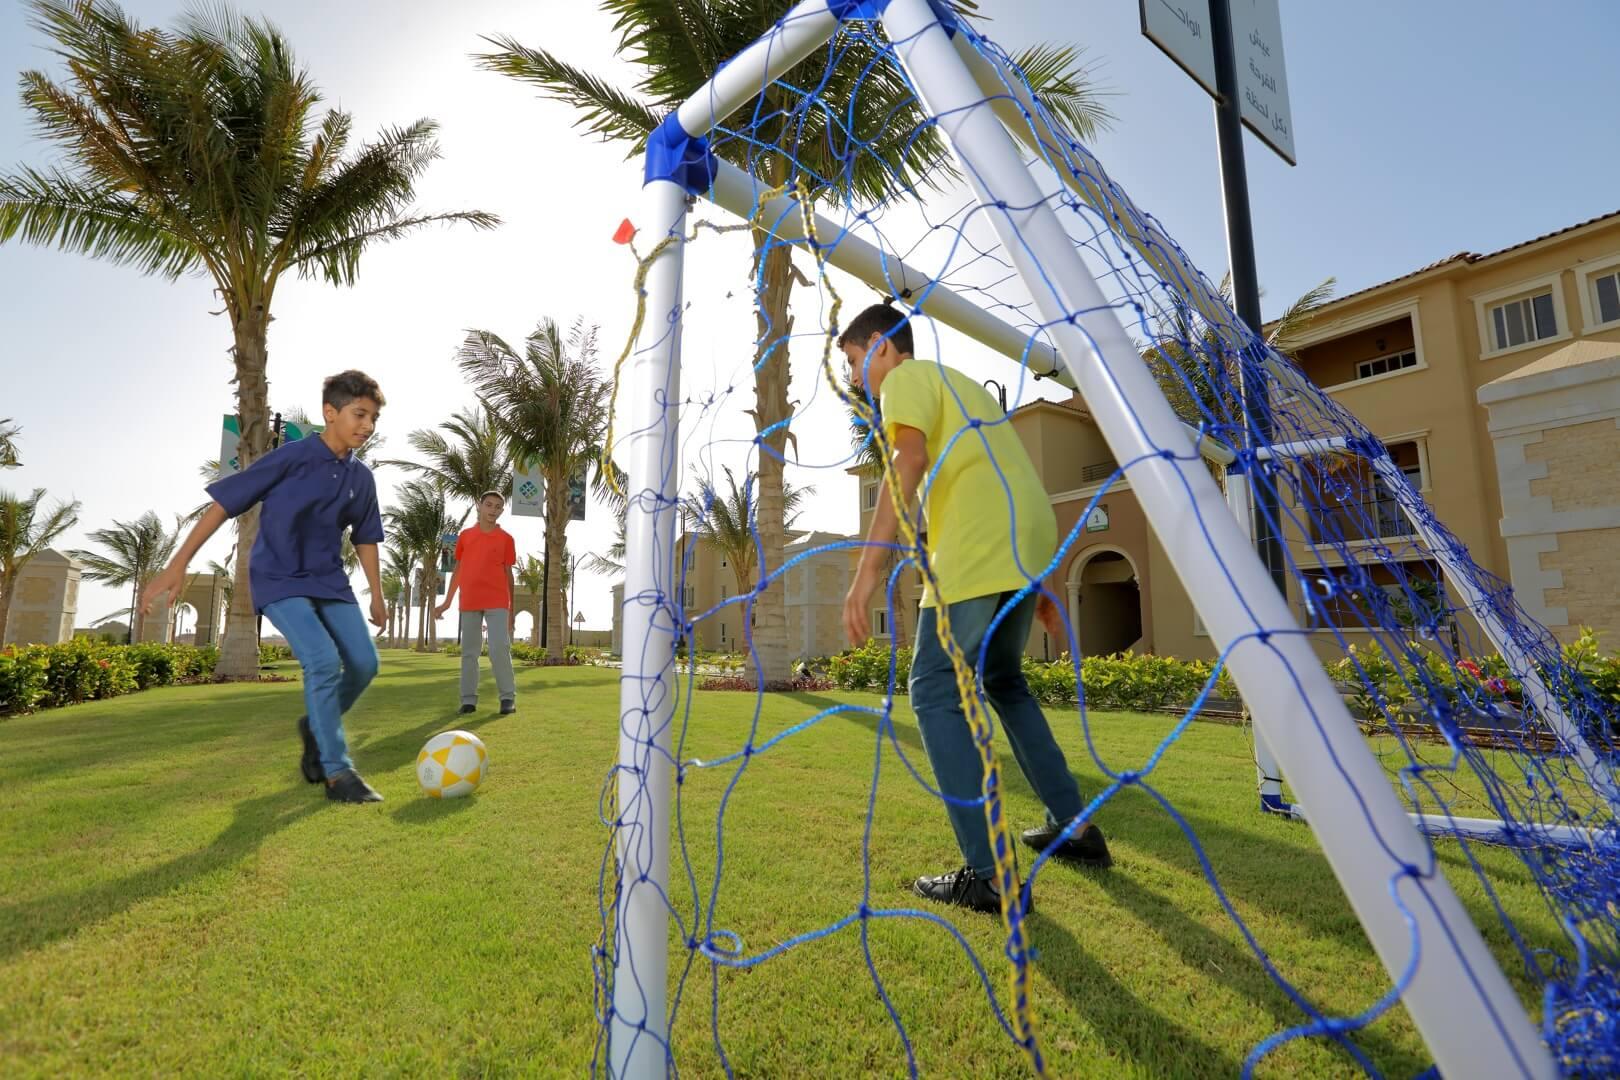 مركز مجتمع الواحة - مدينة الملك عبد الله الاقتصادية